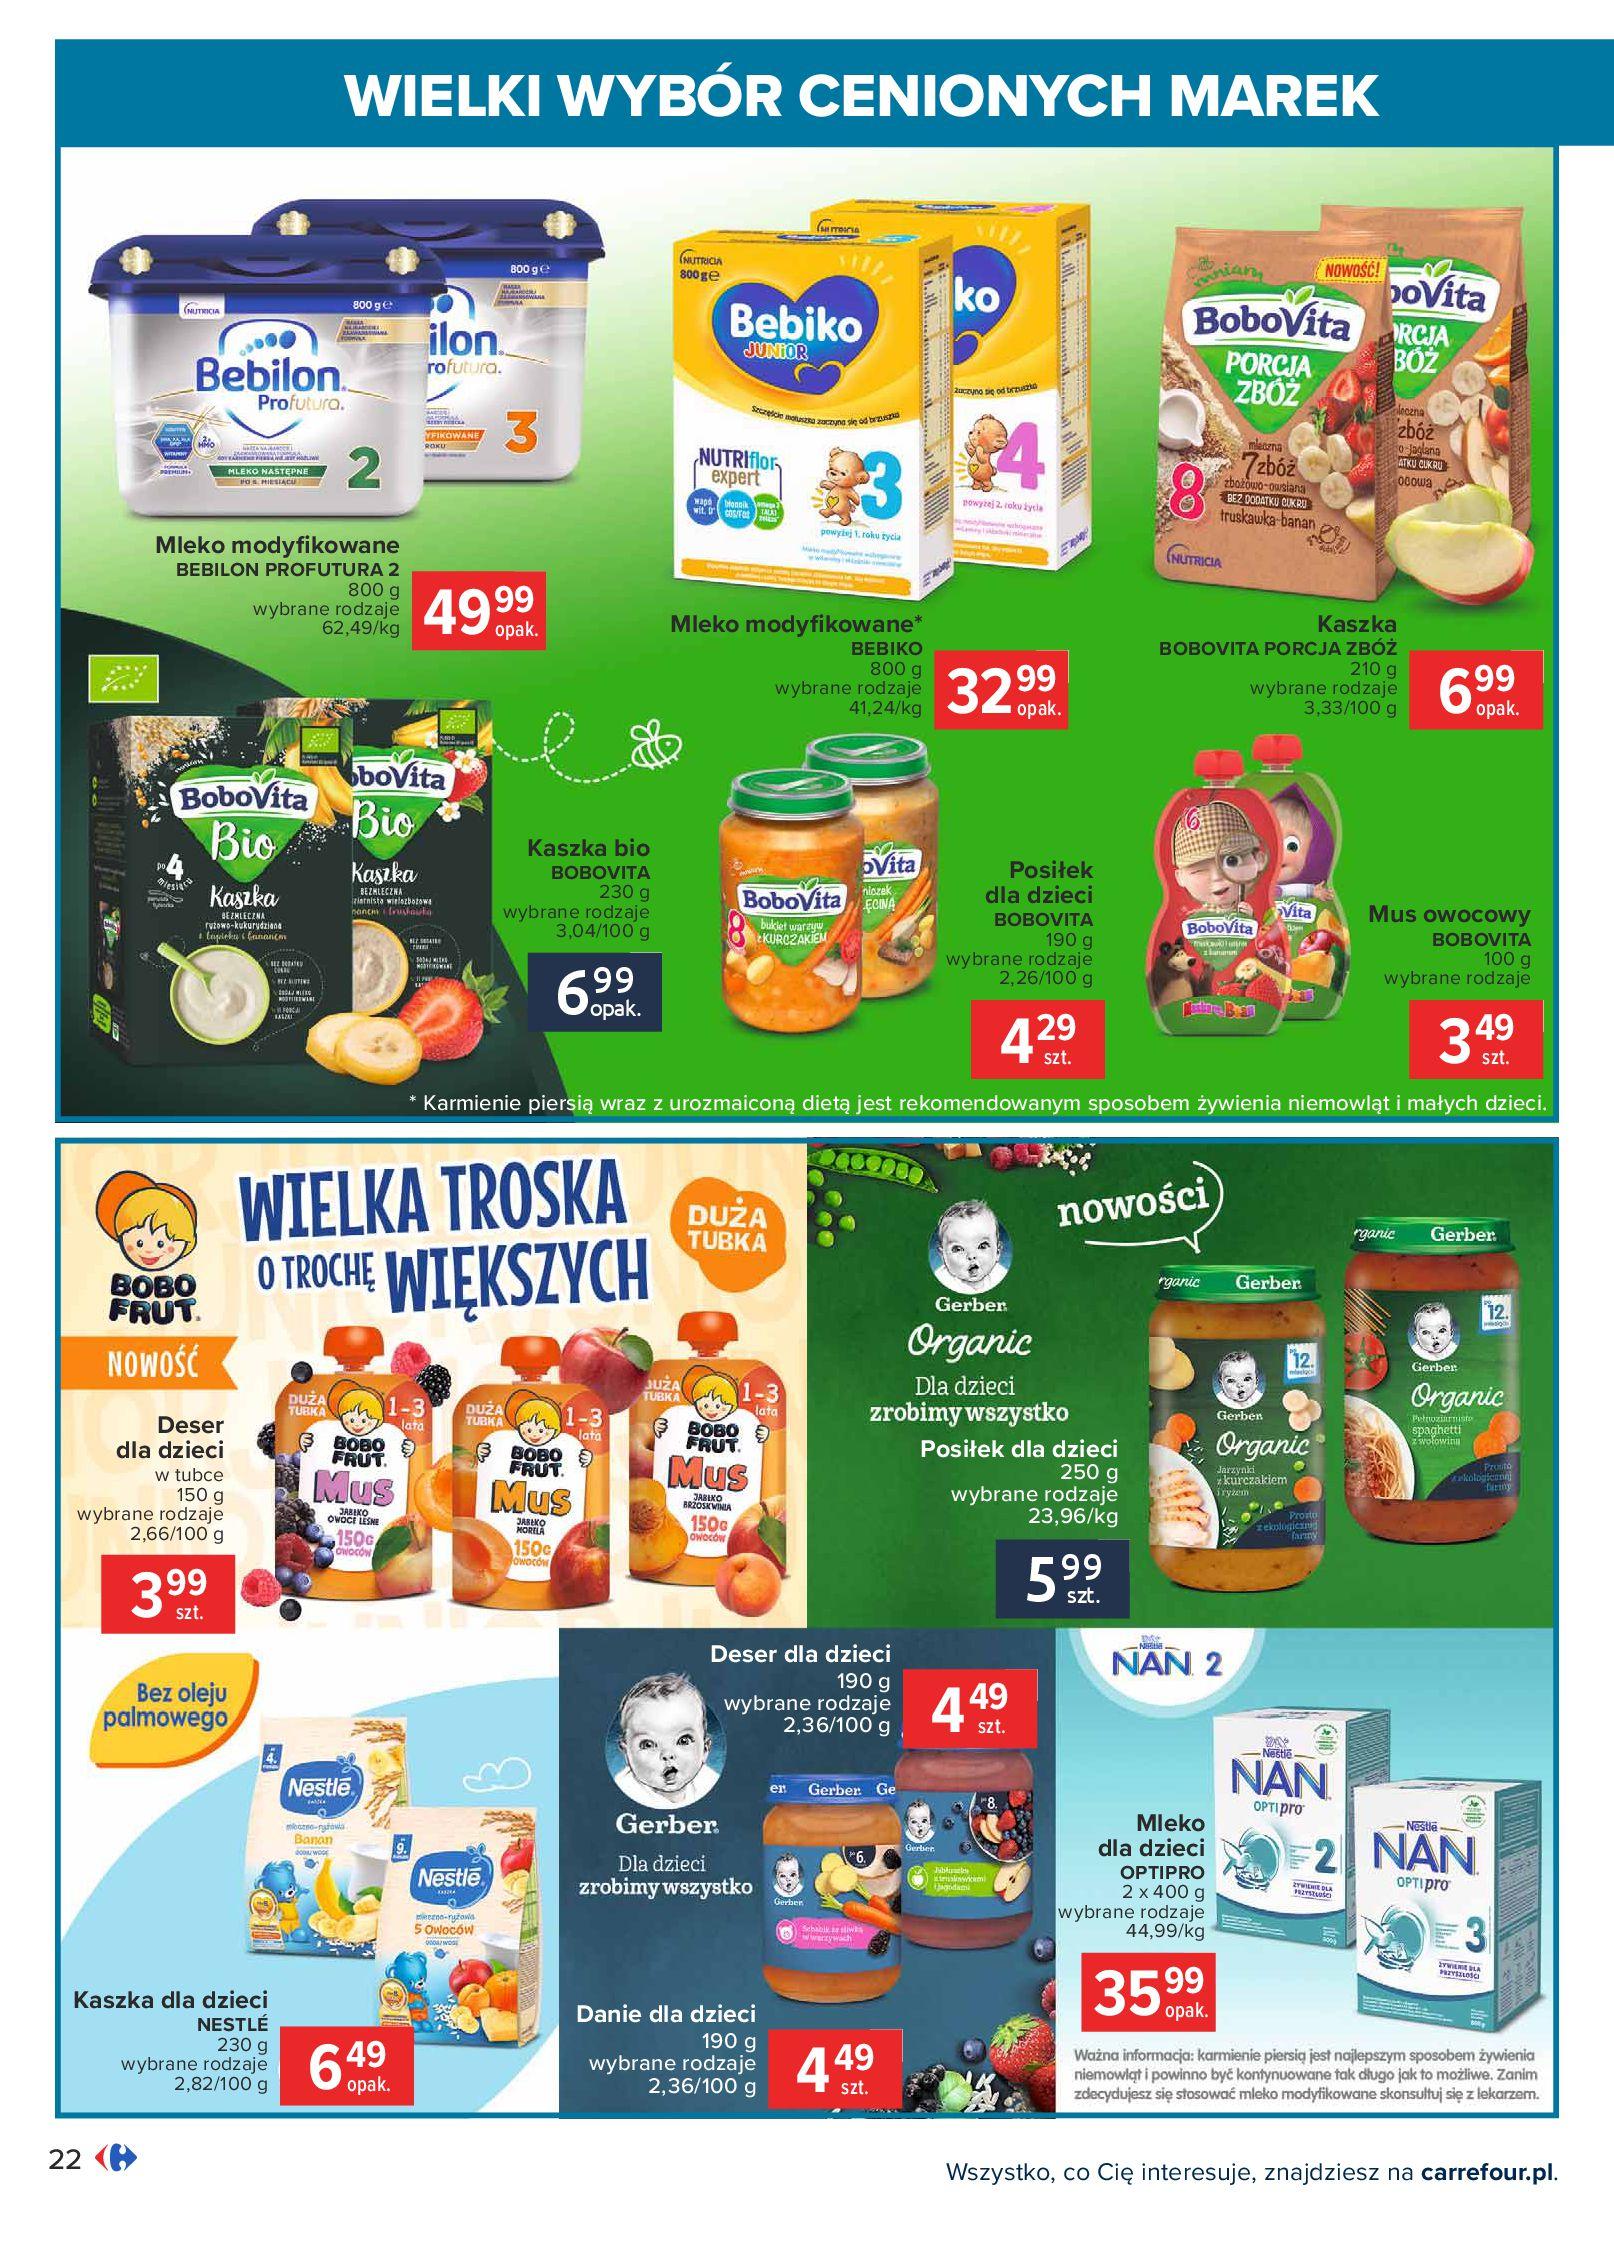 Gazetka Carrefour: Wielki wybór cenionych marek 2021-05-04 page-22